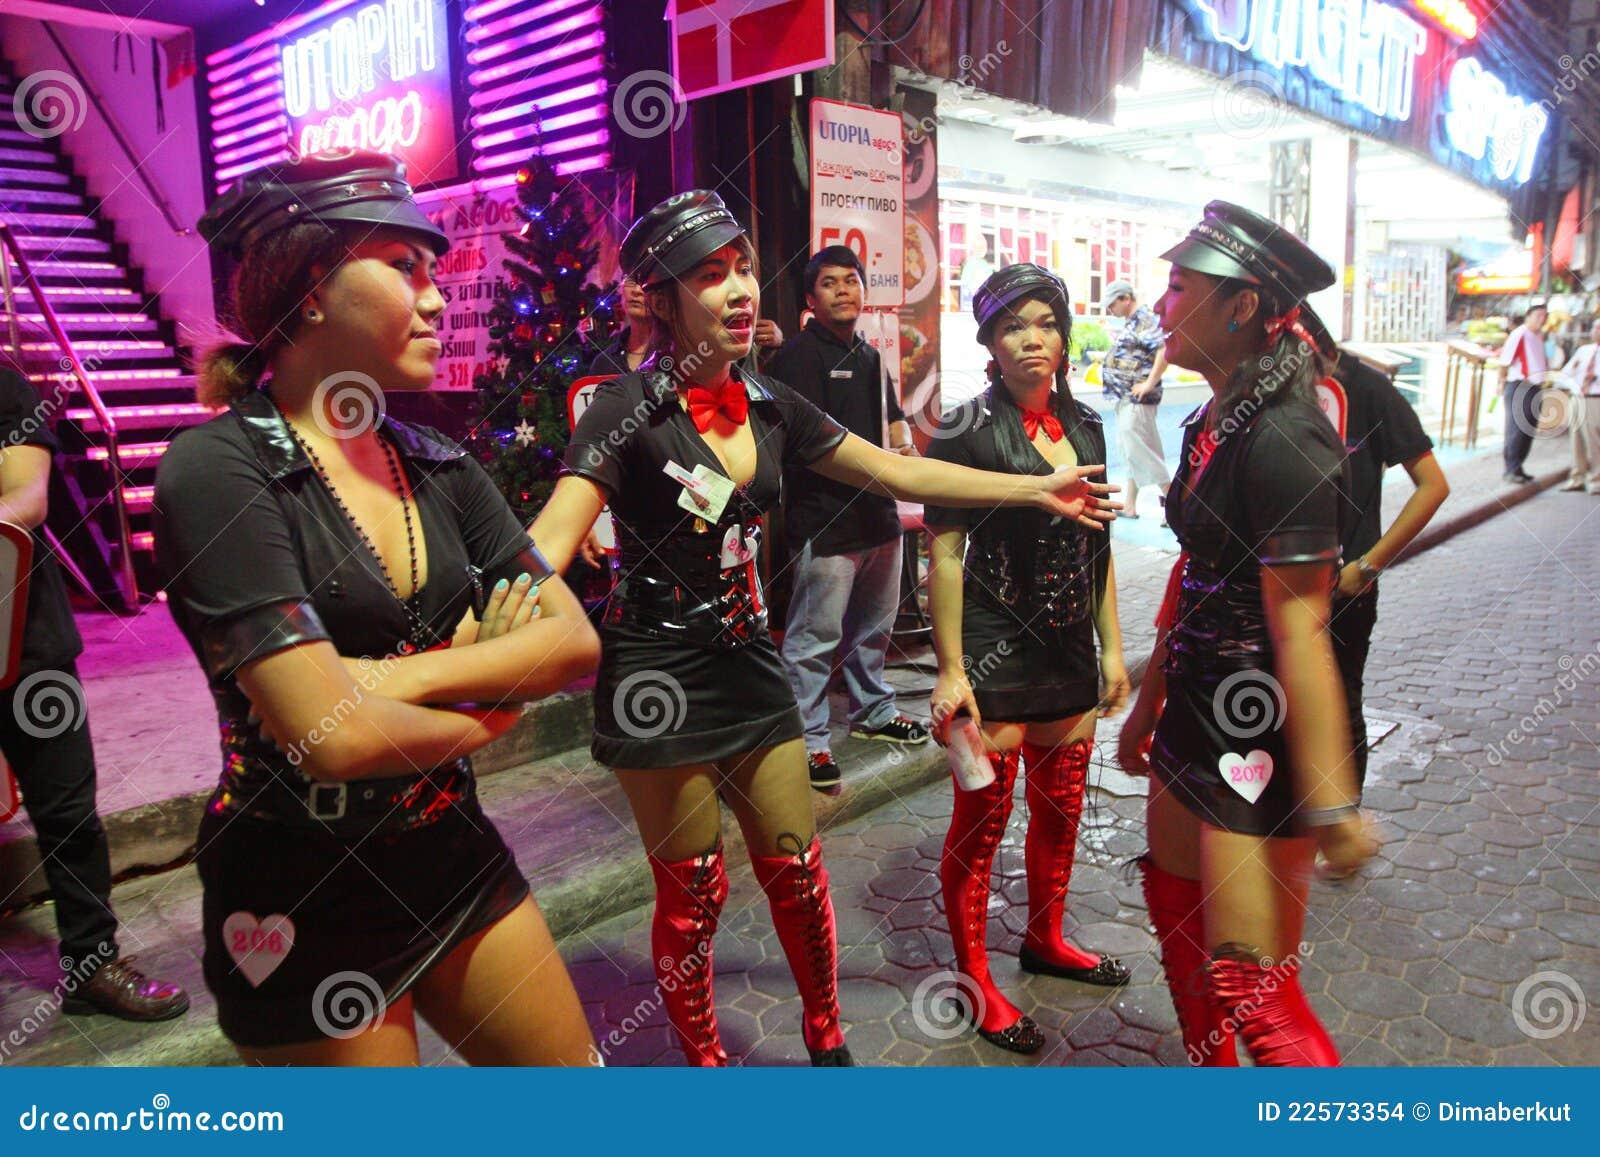 Секс на улице девочек 15 фотография